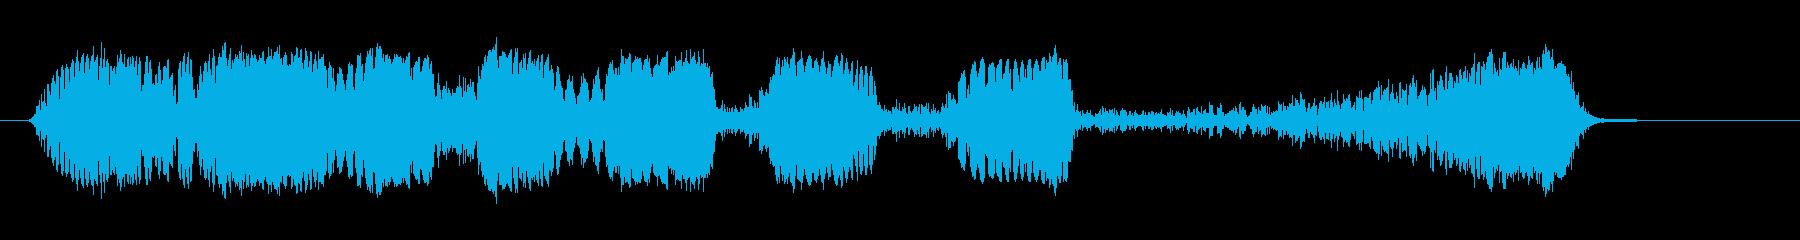 ショートラジオリバース3の再生済みの波形